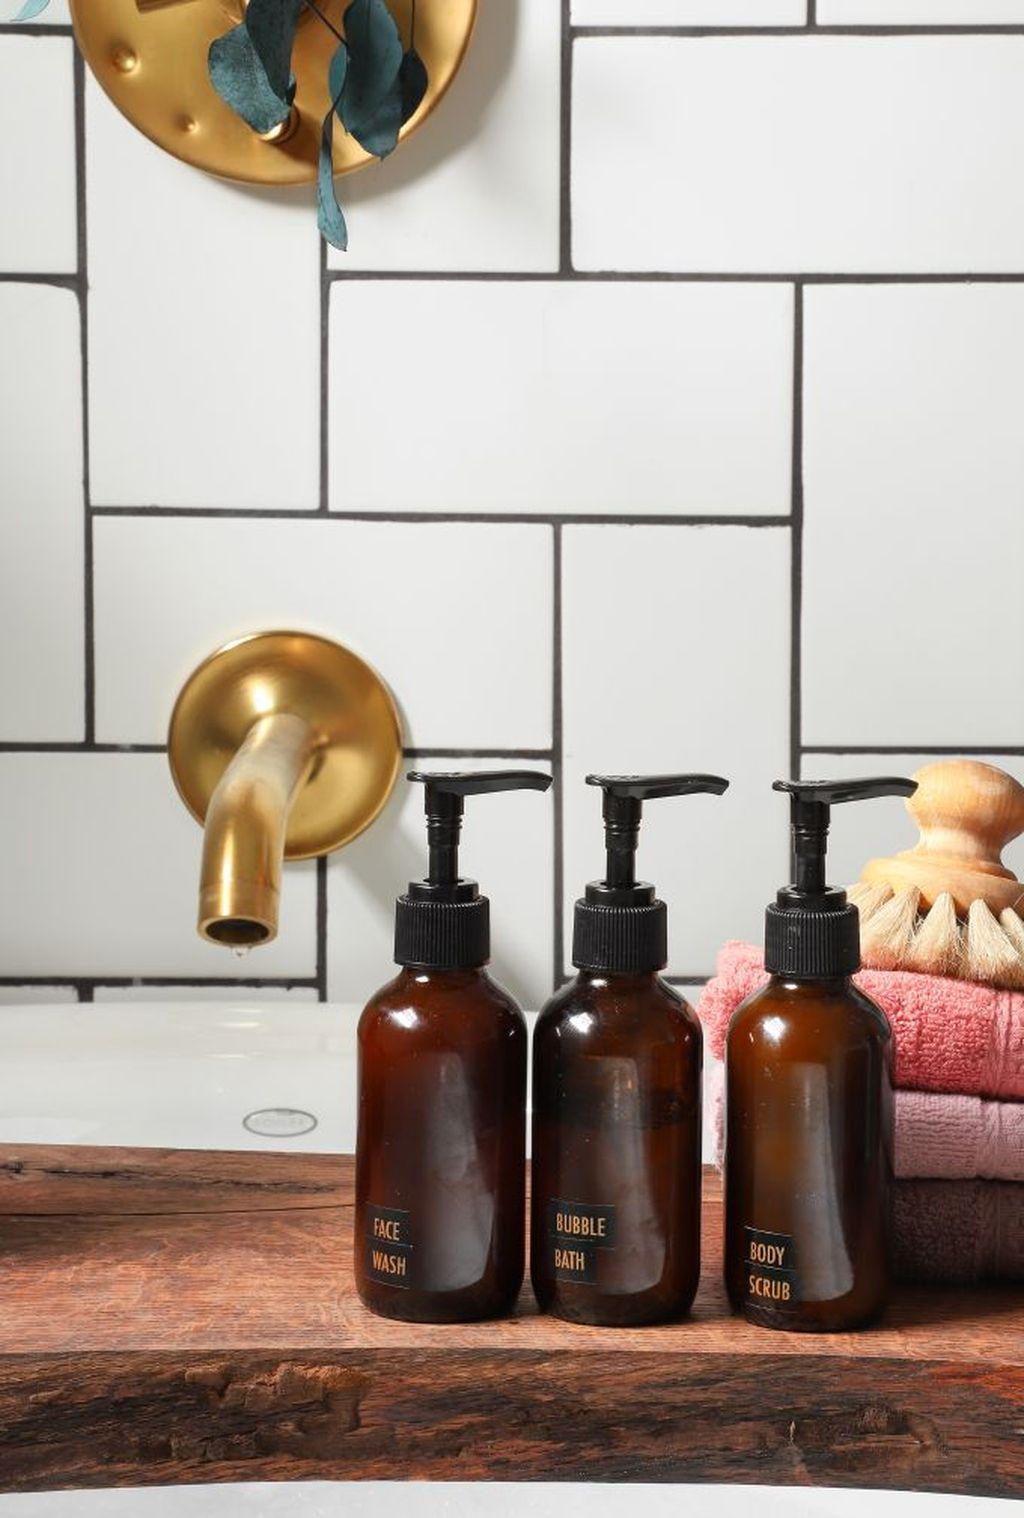 Affordable Diy Organization Bathroom Design Ideas For Bottle And Towel Labels06